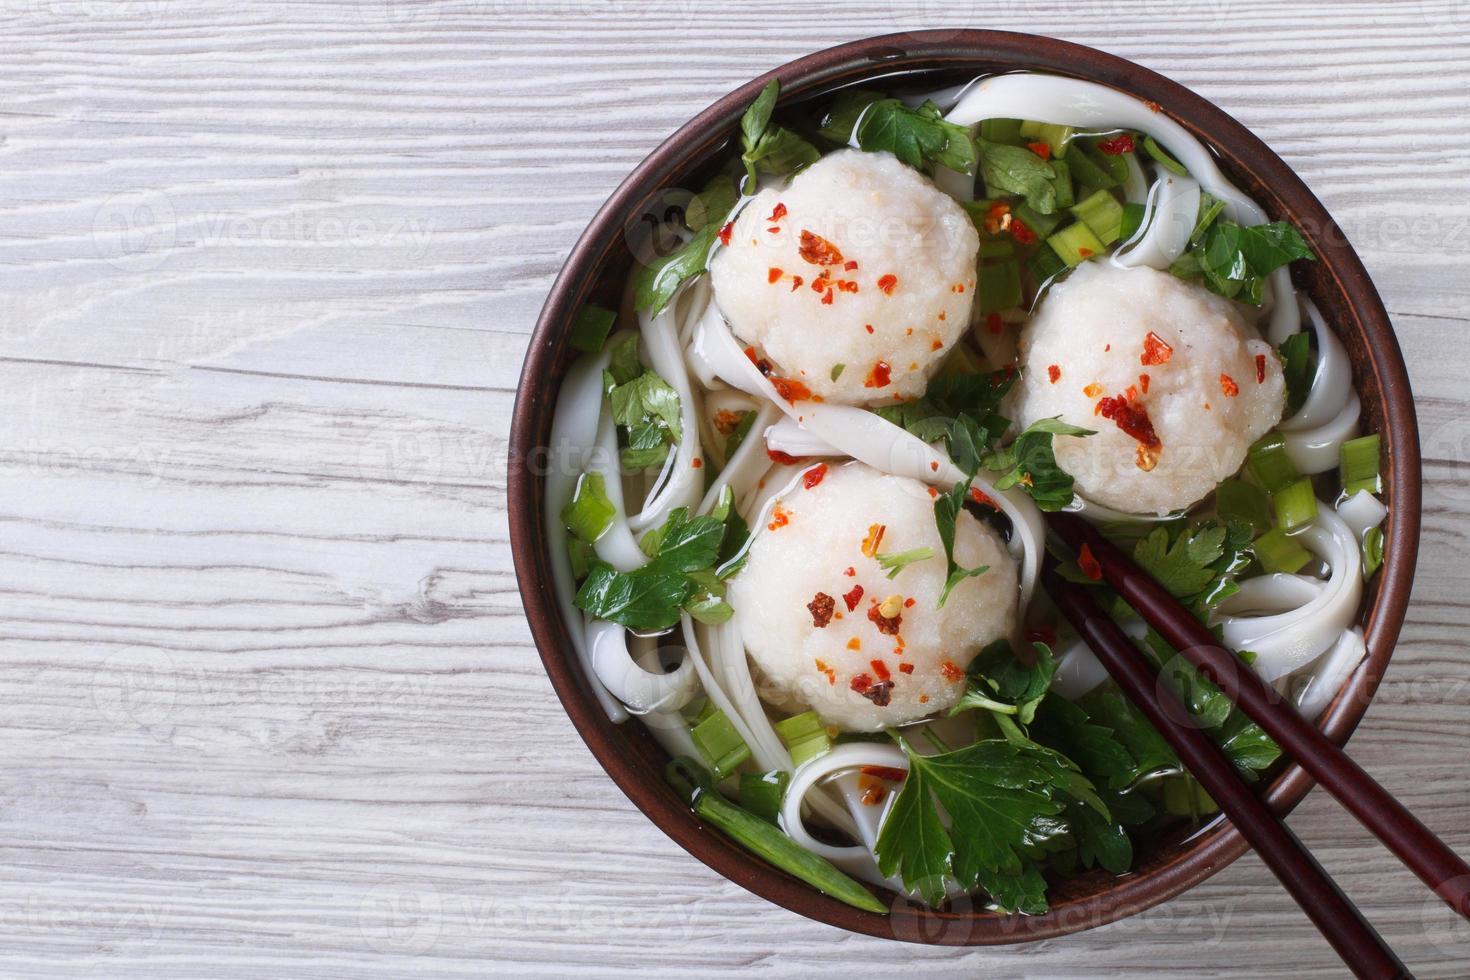 Sopa asiática con bolas de pescado y fideos de arroz vista superior foto